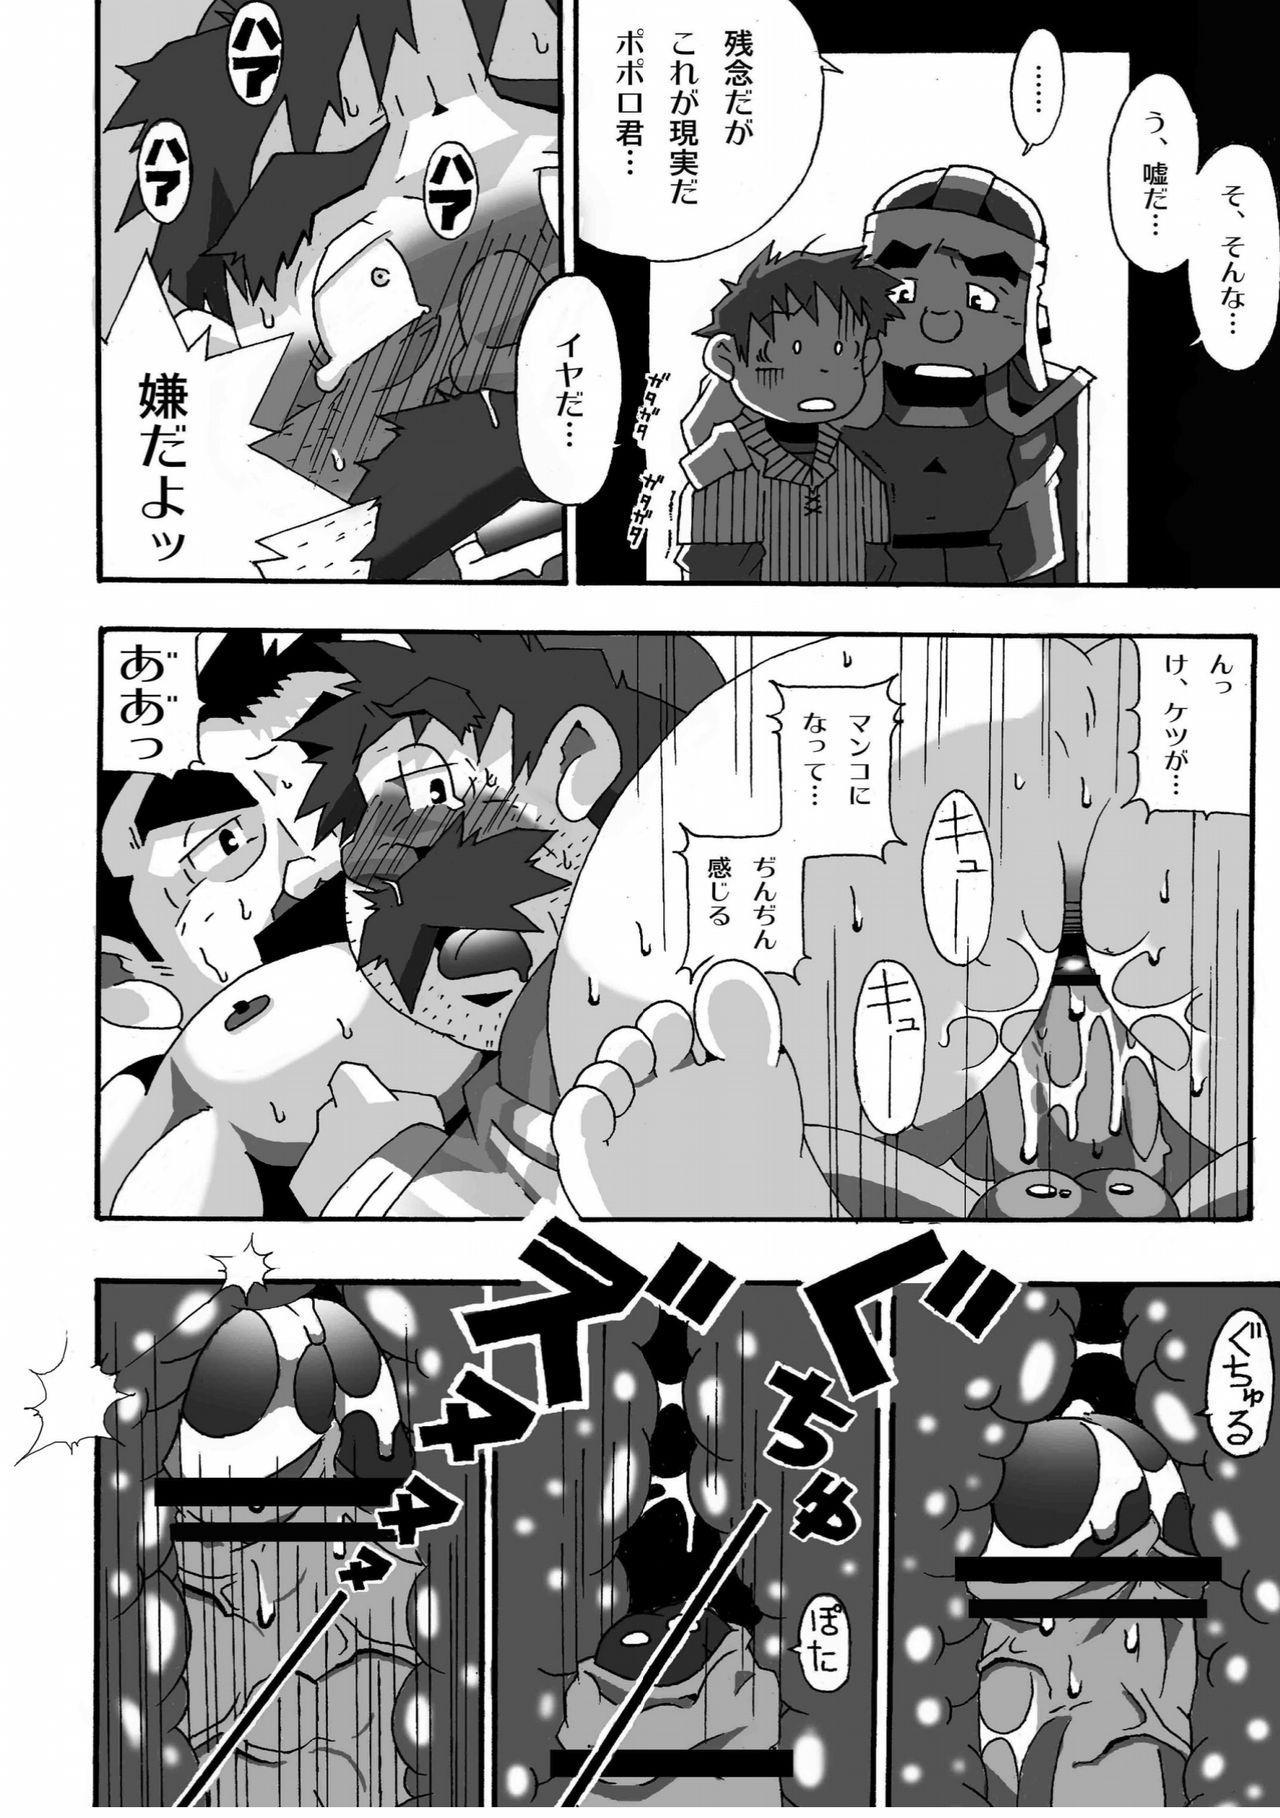 Torneko no Himitsu 23